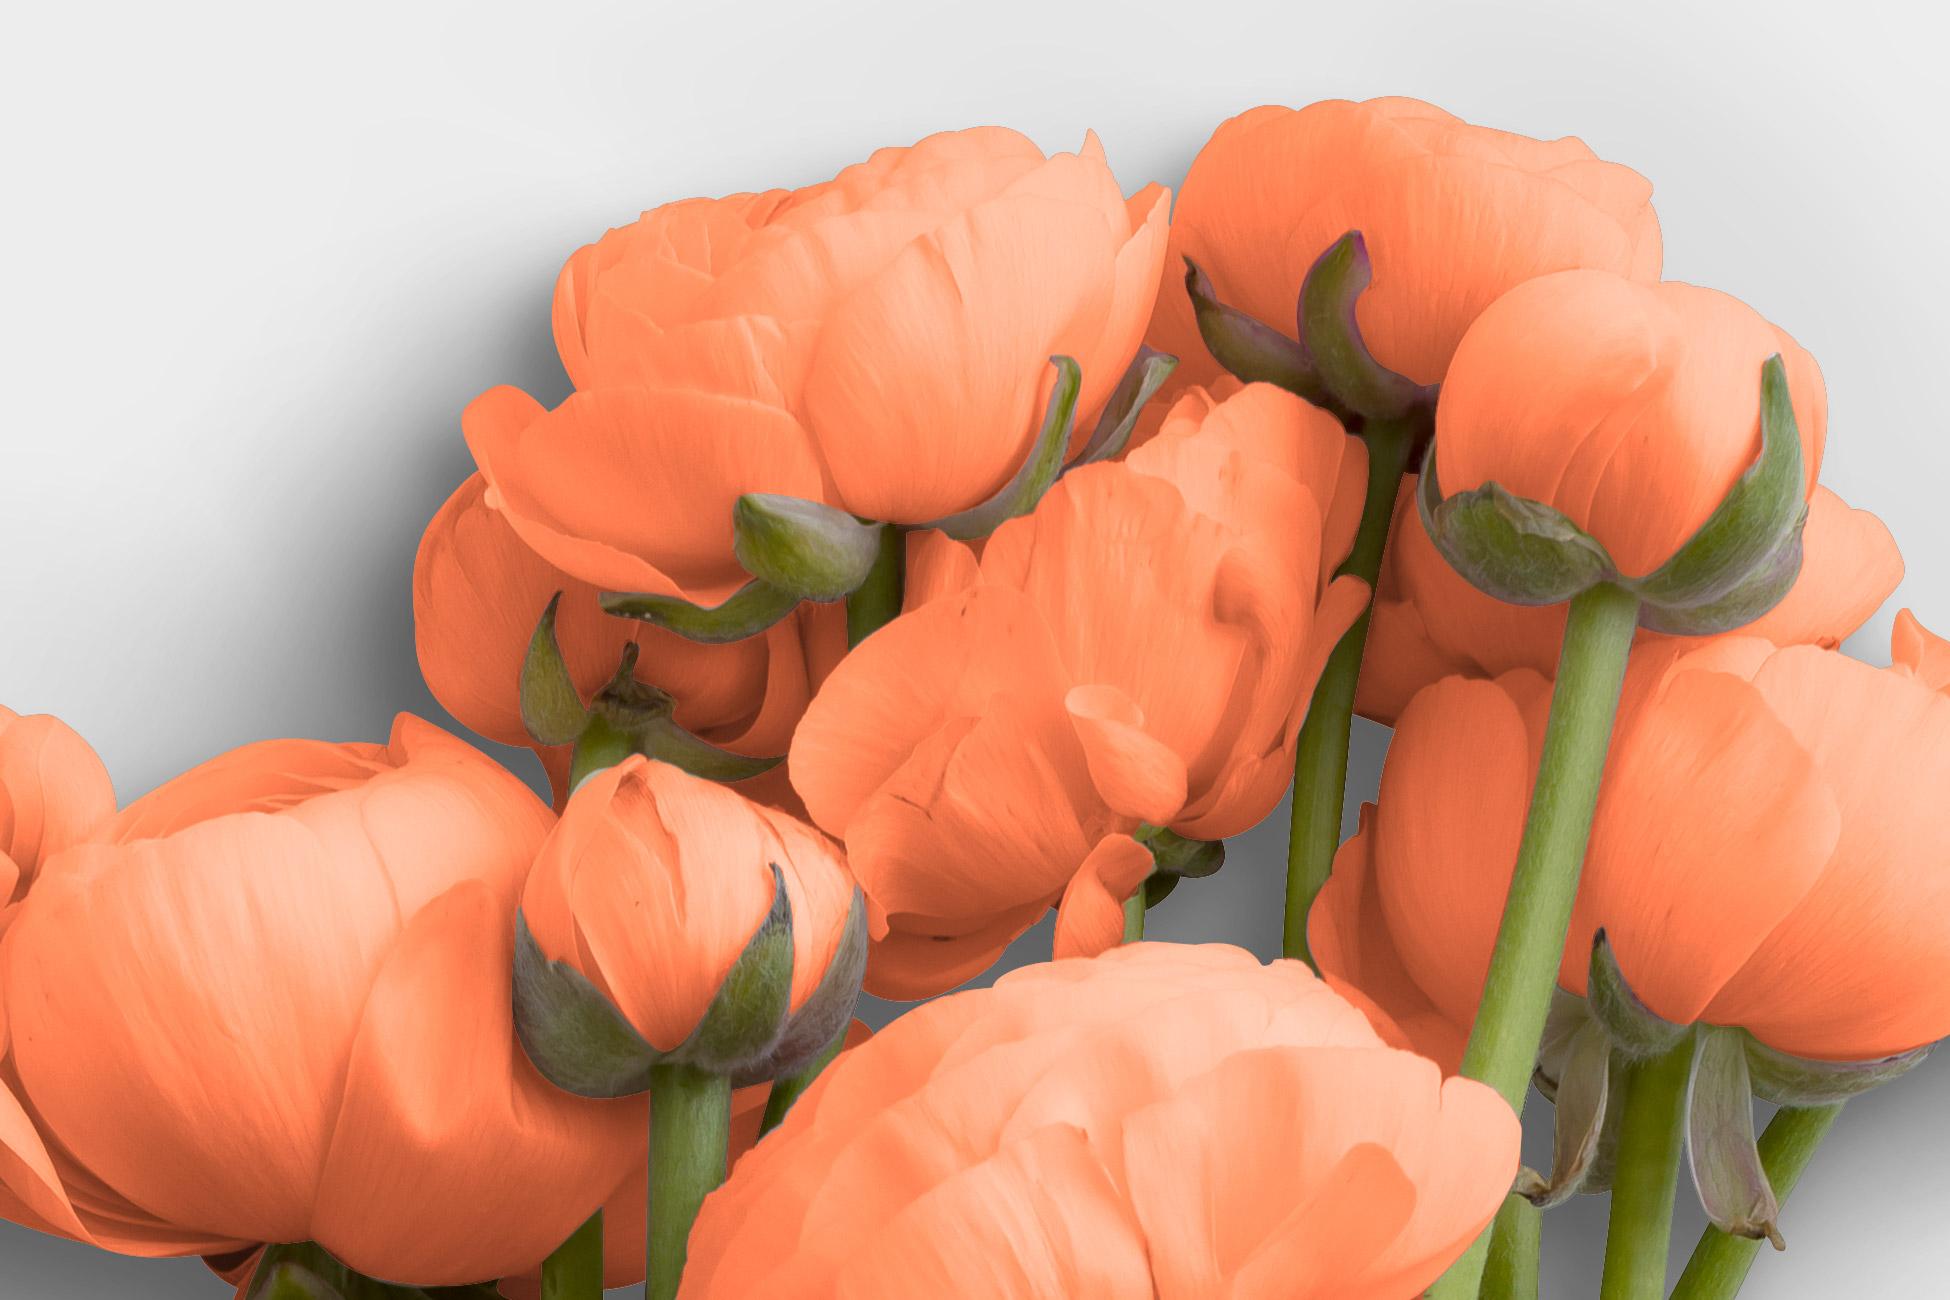 Ranunculus Flower High Resolution